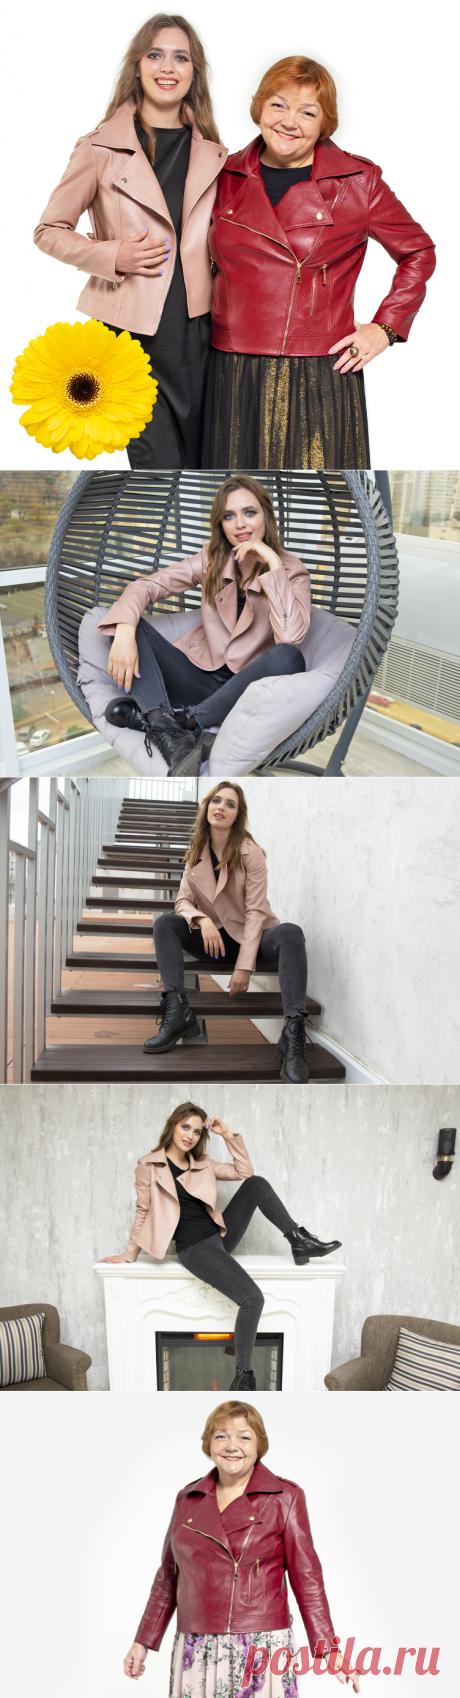 Купить курс - Куртка-косуха из экокожи. Моделирование и пошив от Паукште Ирины Михайловны МОДНЫЕ ПРАКТИКИ.  Старая цена - 6200 Новая цена -  3720 https://modapractic.ru/leather_jacket?gcpc=e6ace   Стиль — в каждой линии! Модные практики представляют самый долгожданный видеокурс Безупречный стиль, строгие линии, узнаваемый силуэт, универсальность — все это о куртке-косухе! Она идеально впишется в любой образ и подчеркнет ваш неповторимый характер.